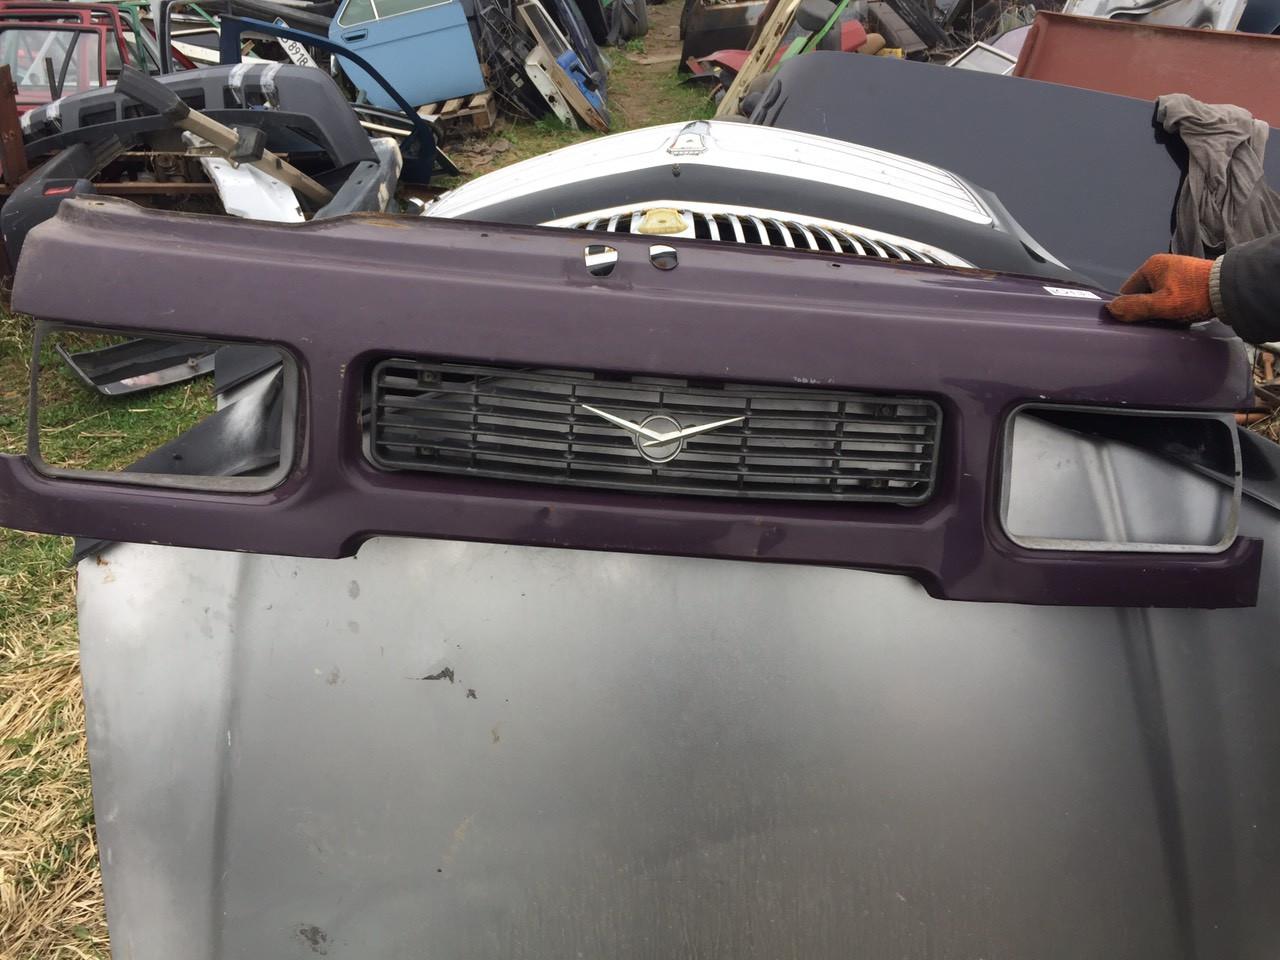 Панель облицовки кузова УАЗ 3160 Симбирь решетка радиатора бу